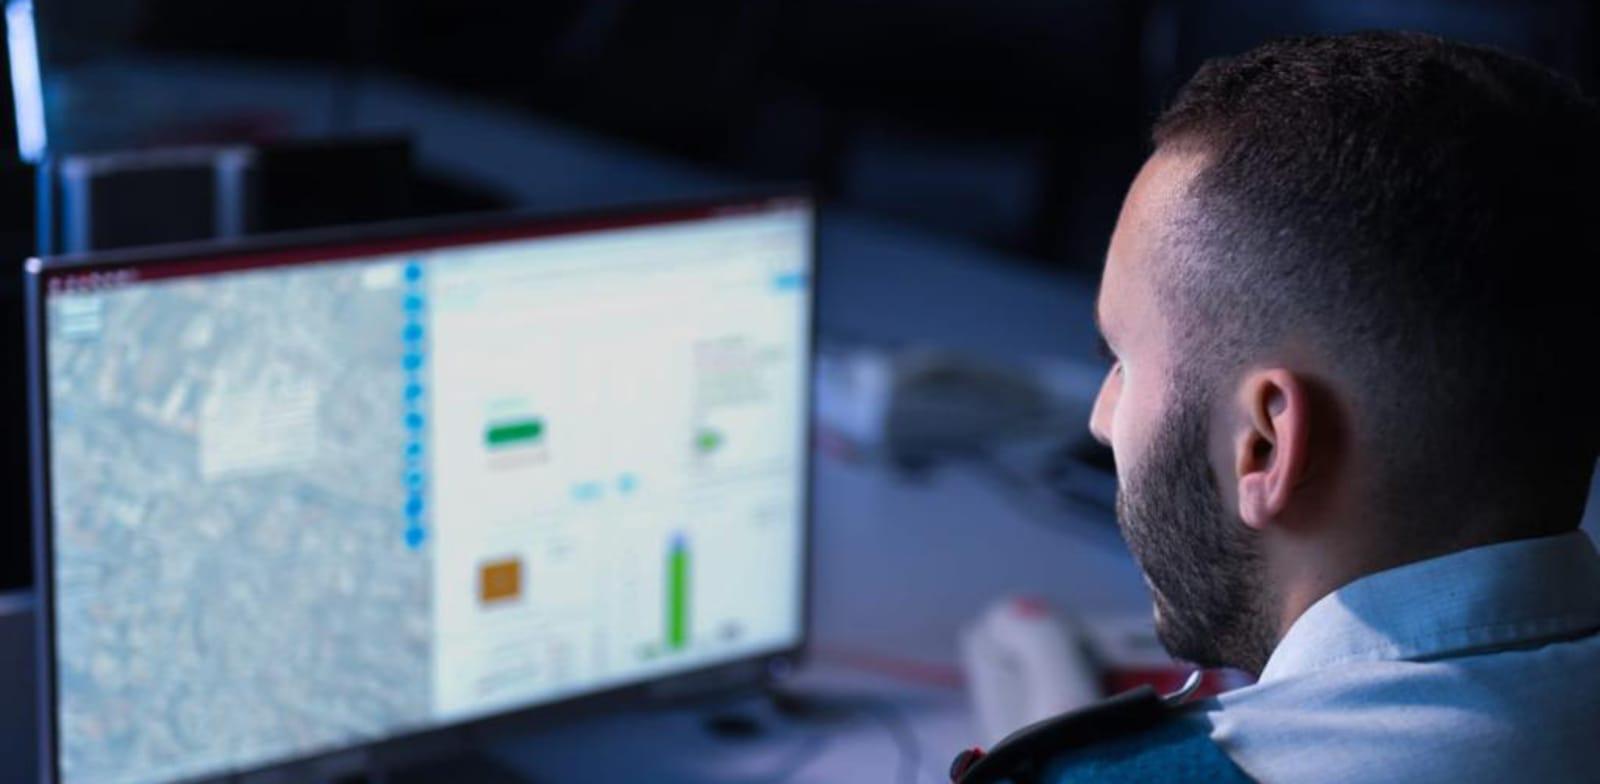 """קצין צה""""ל במרכז שליטה דיגיטלי בחדר קרב. ניתוח המידע הופך מהיר הרבה יותר / צילום: דובר צה""""ל"""